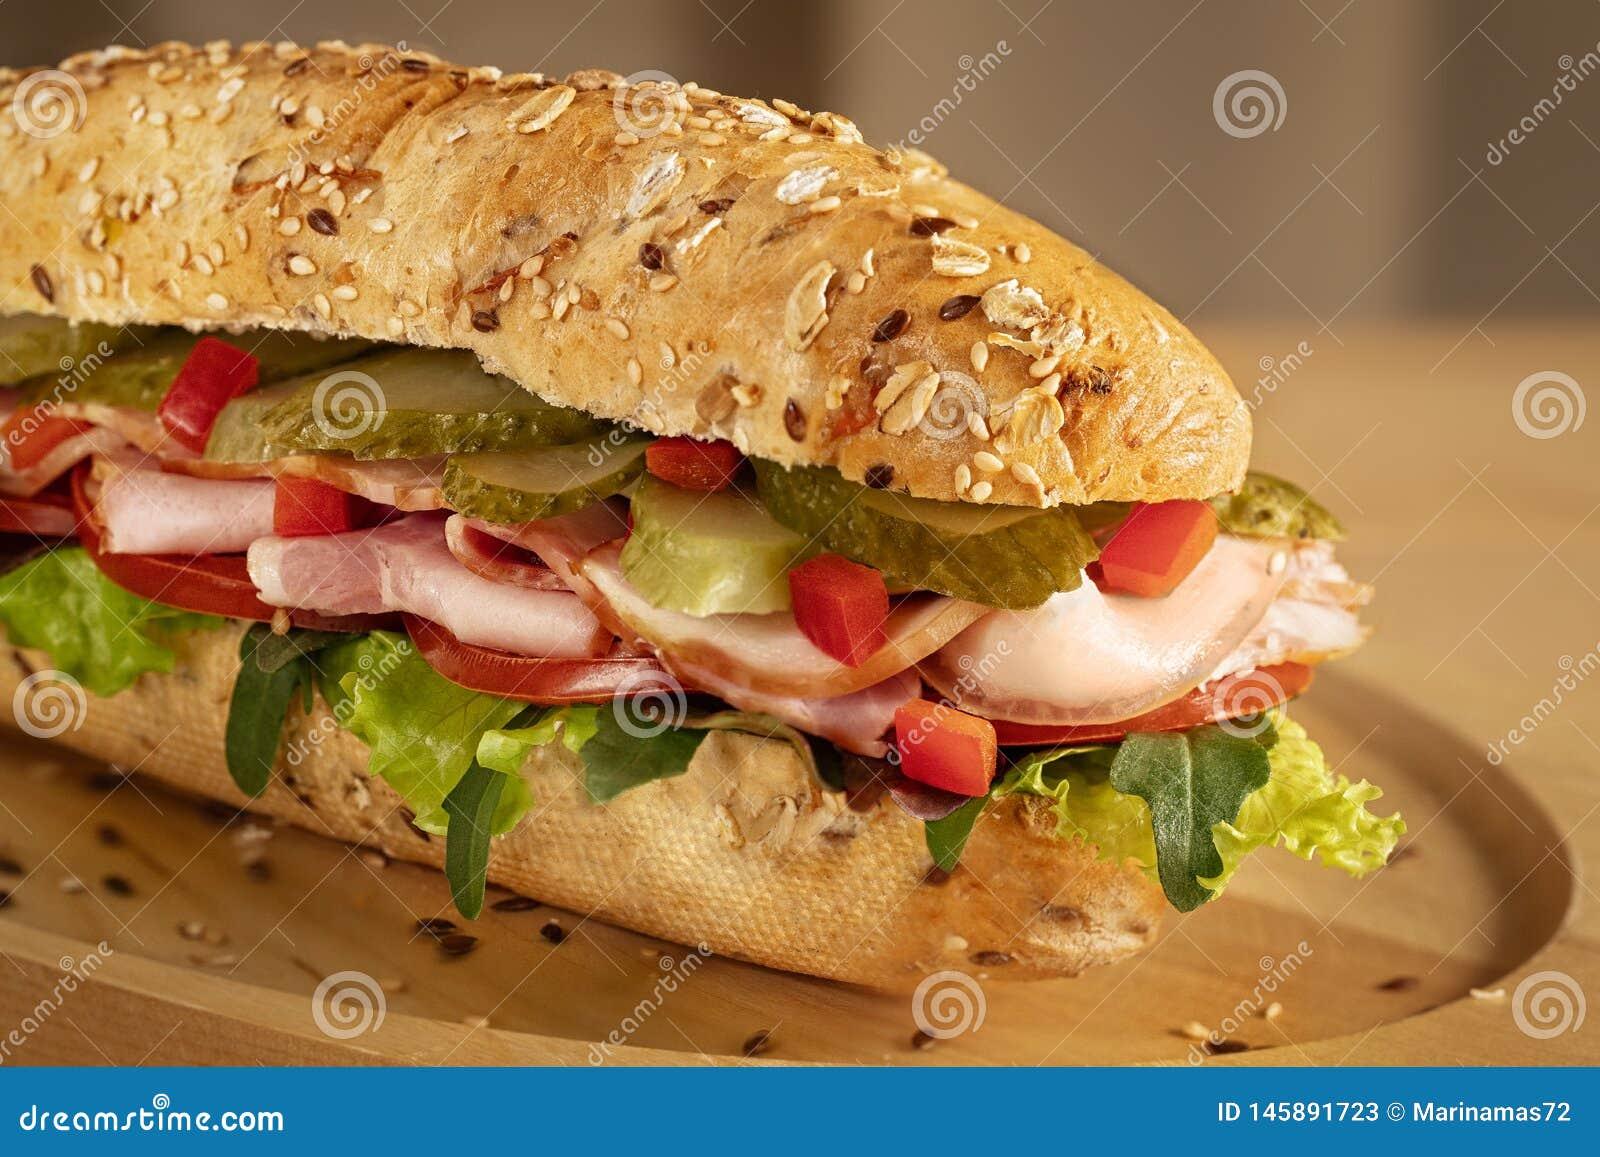 三明治用火腿、腌汁、新鲜的蕃茄和蔬菜沙拉